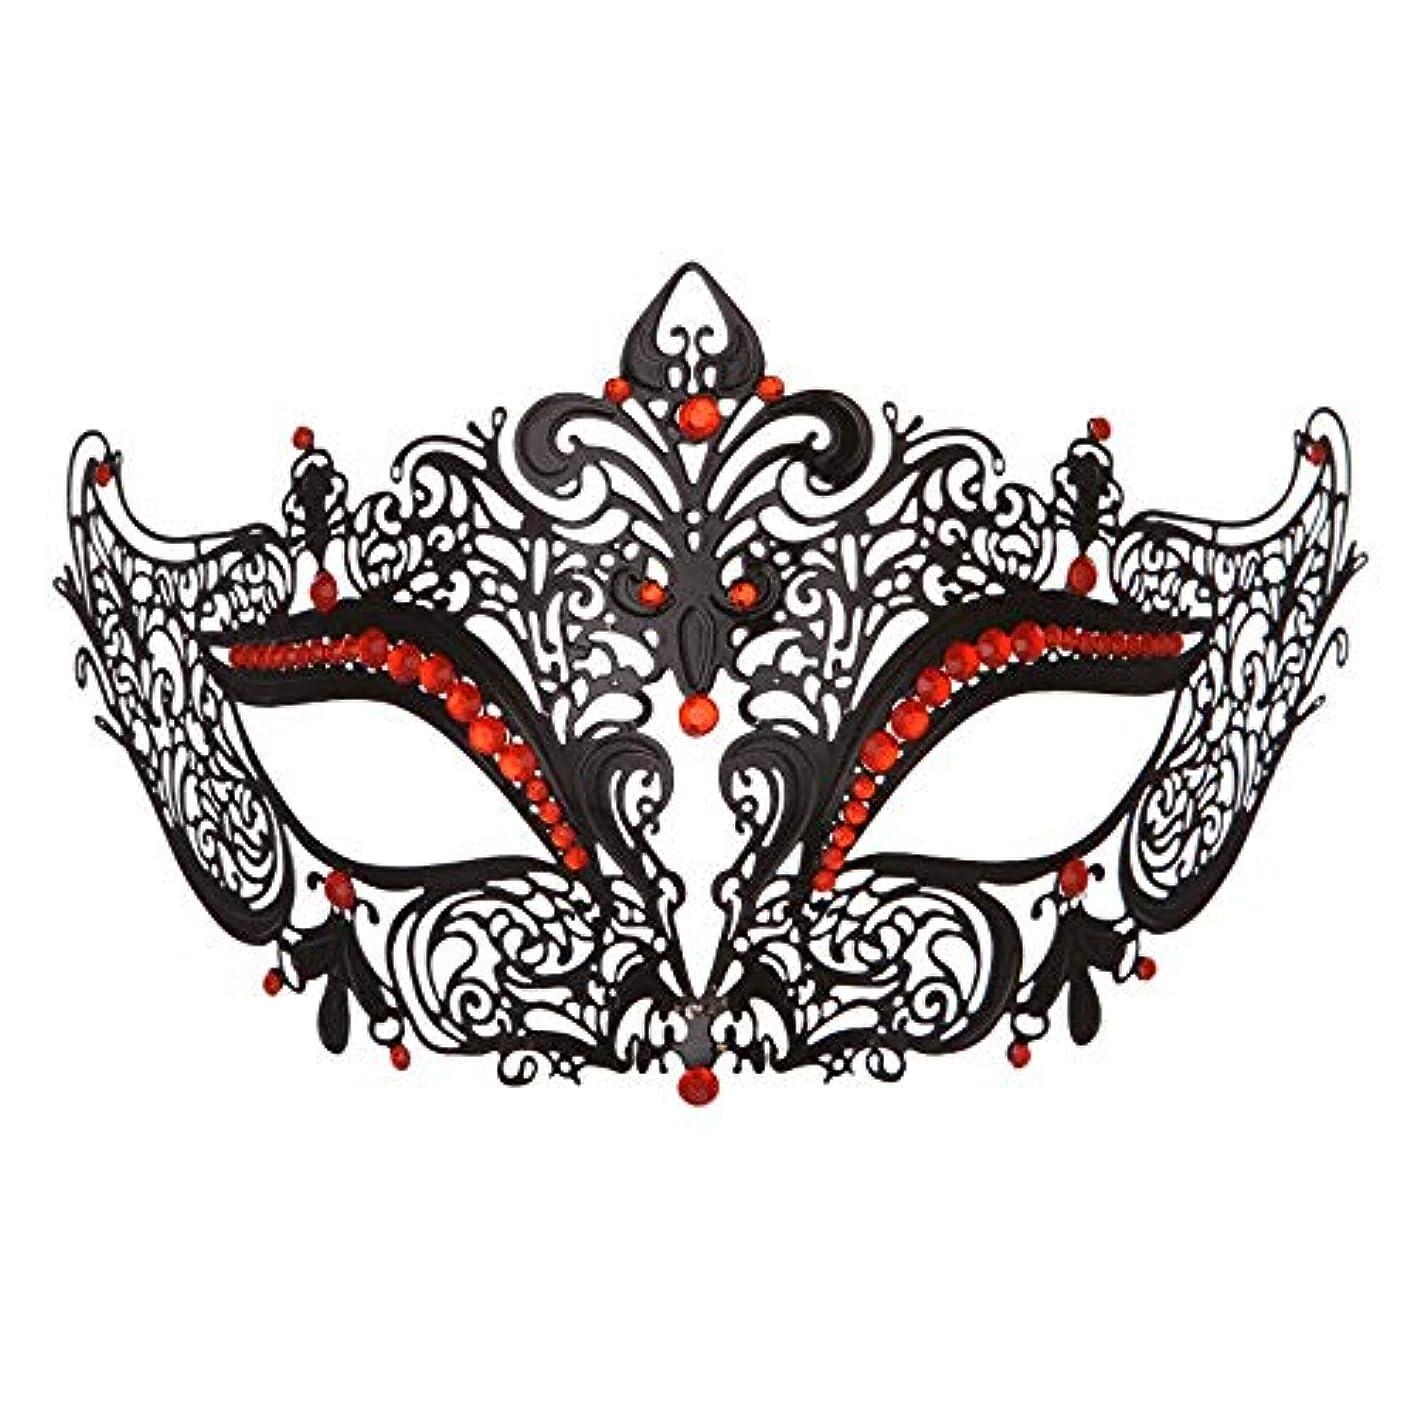 フレッシュ無損なうダンスマスク 高級金属鉄マスク女性美少女中空ハーフフェイスファッションナイトクラブパーティー仮面舞踏会マスク ホリデーパーティー用品 (色 : 赤, サイズ : 19x8cm)